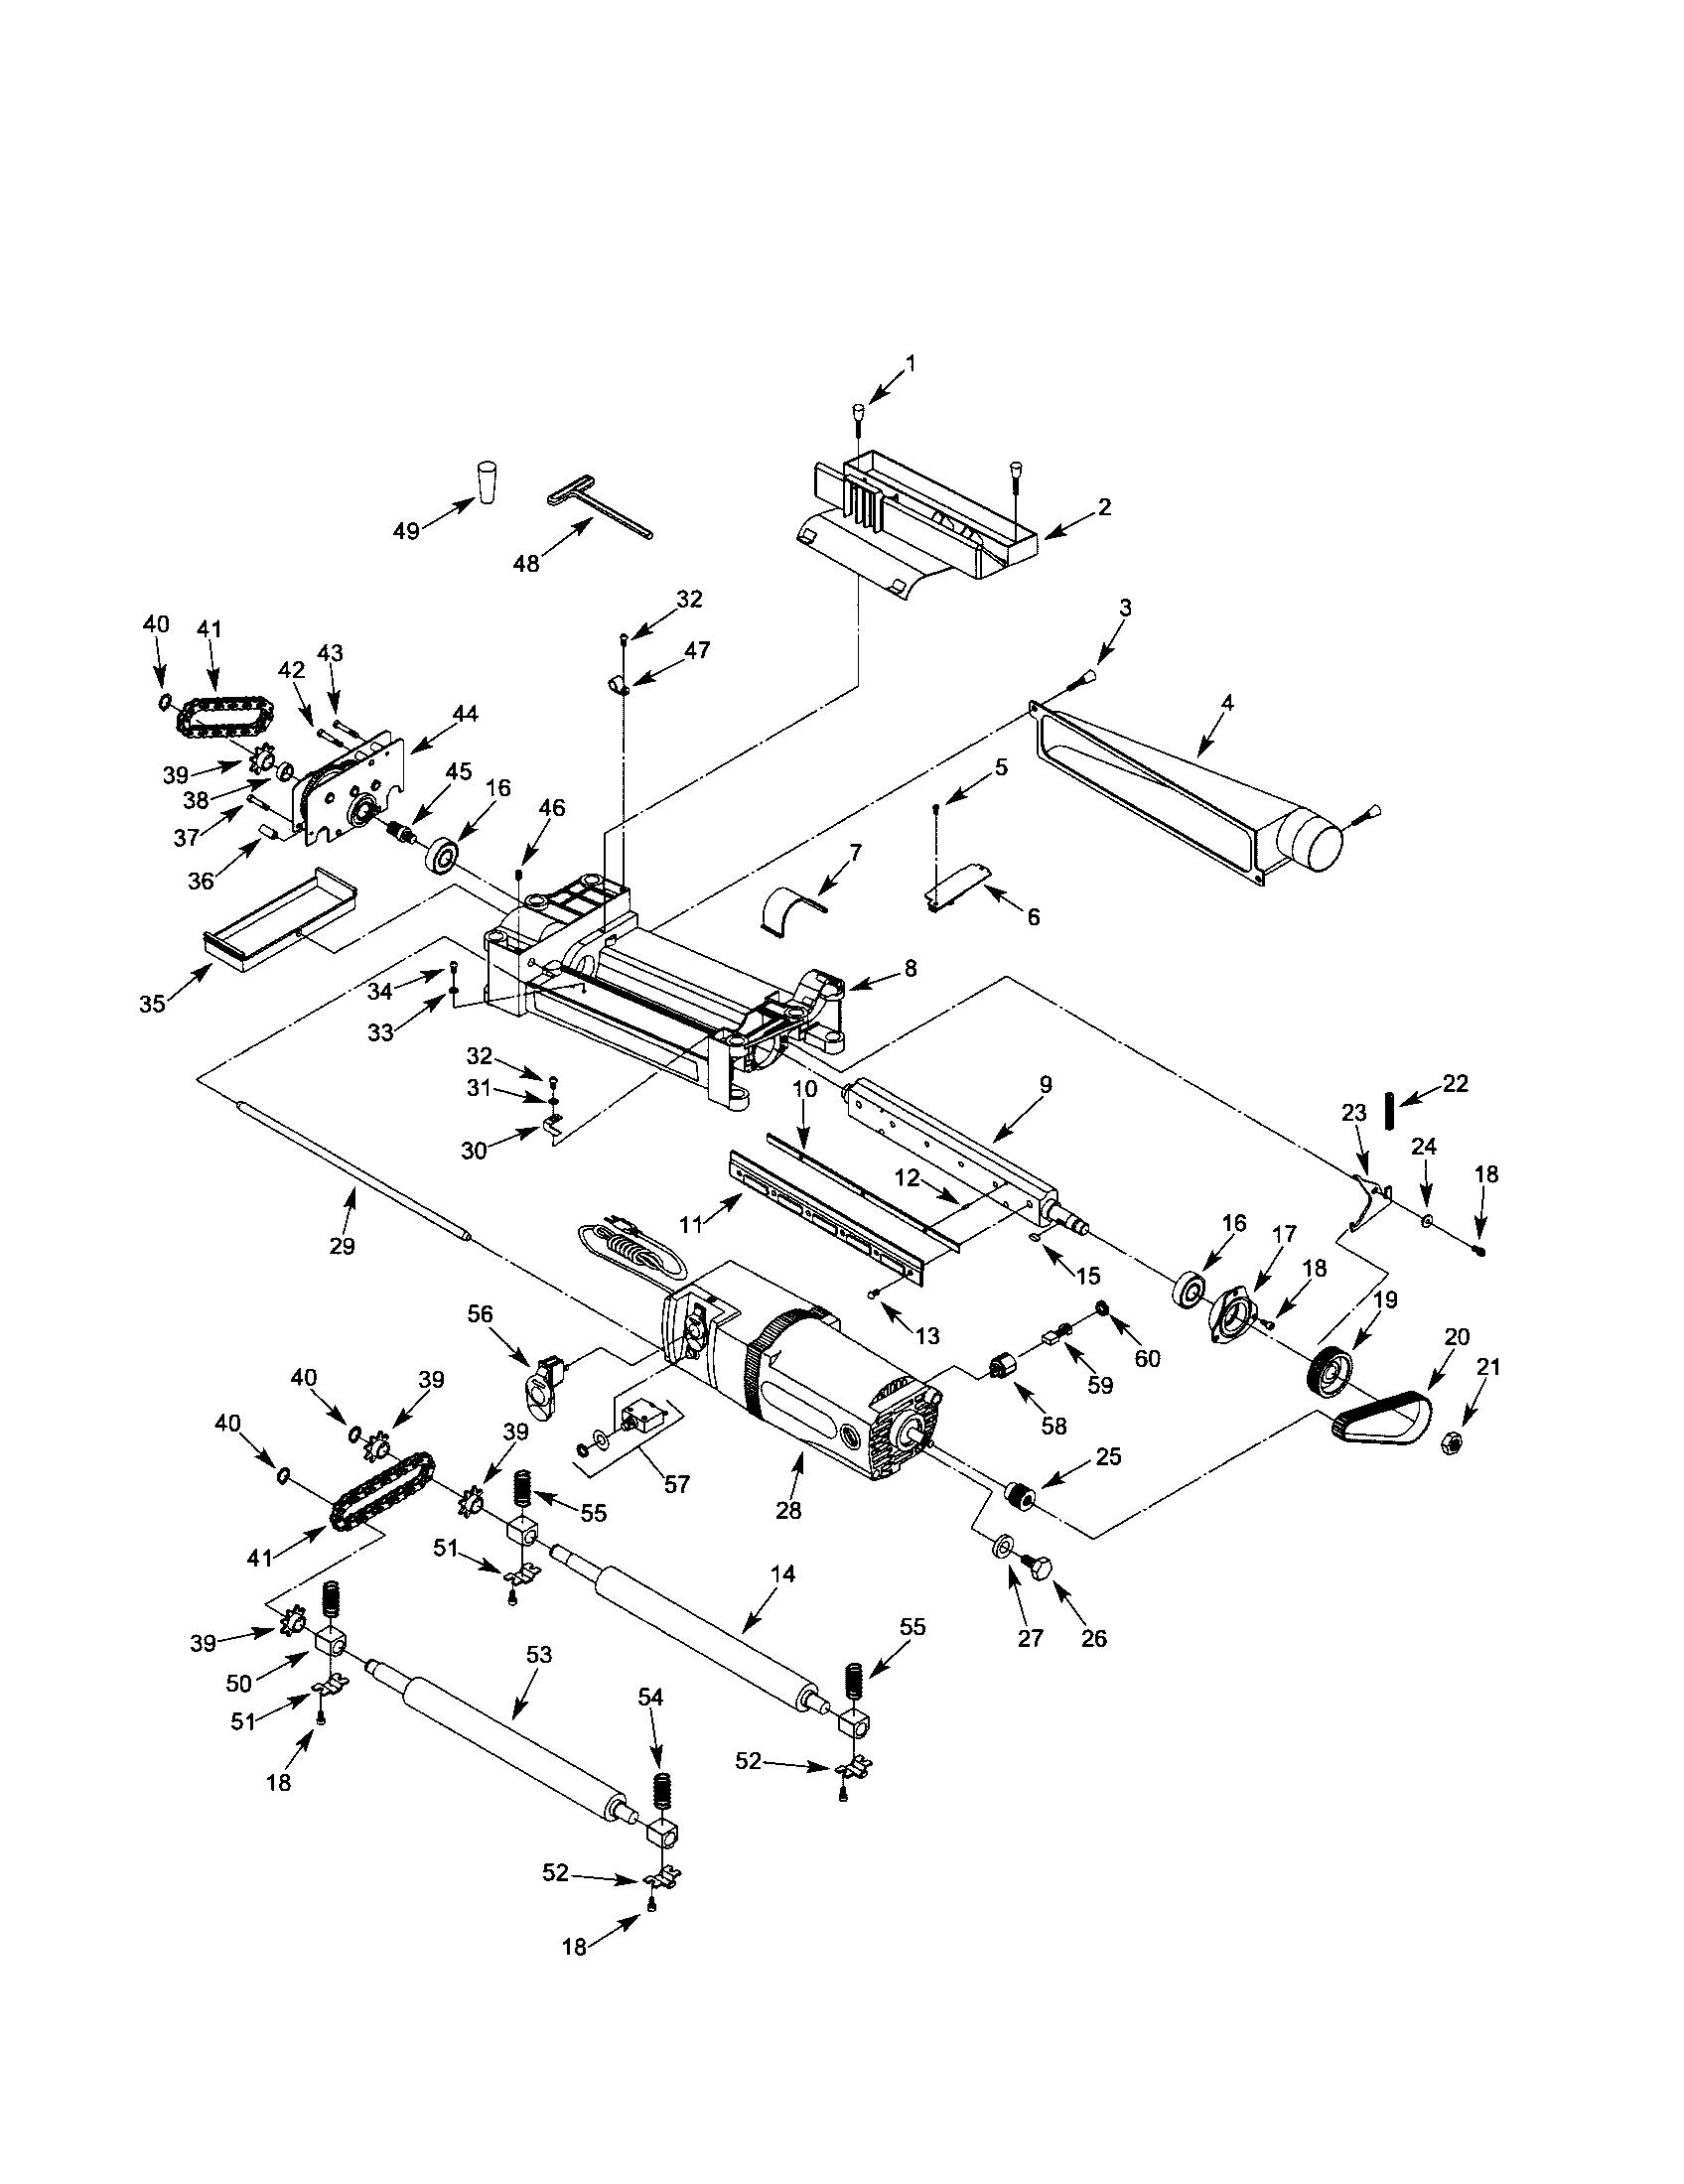 Mastercraft 12 1 2 in planer manual